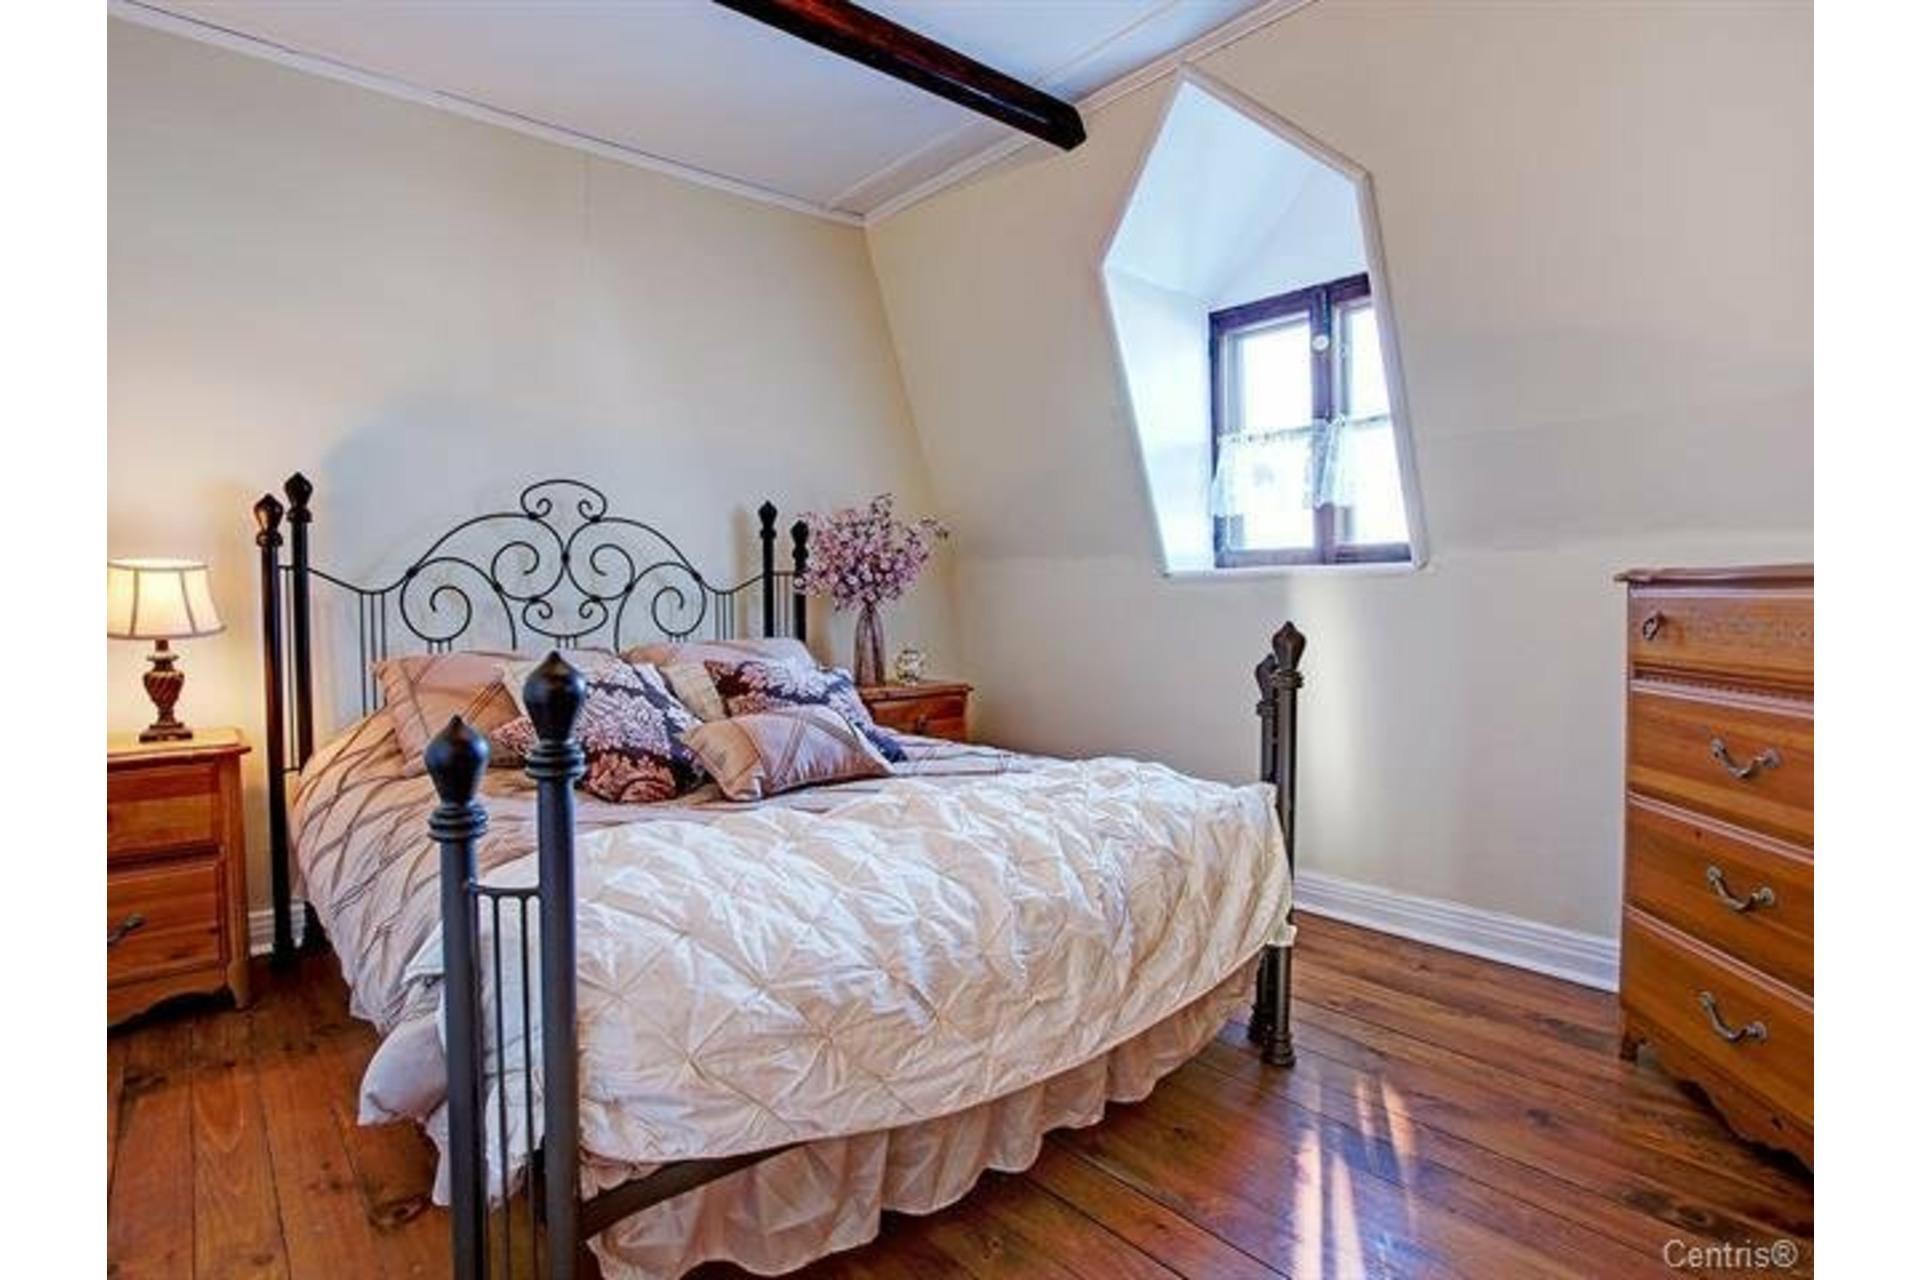 image 21 - MX - Casa sola - MX En venta Vaudreuil-Dorion - 12 habitaciones